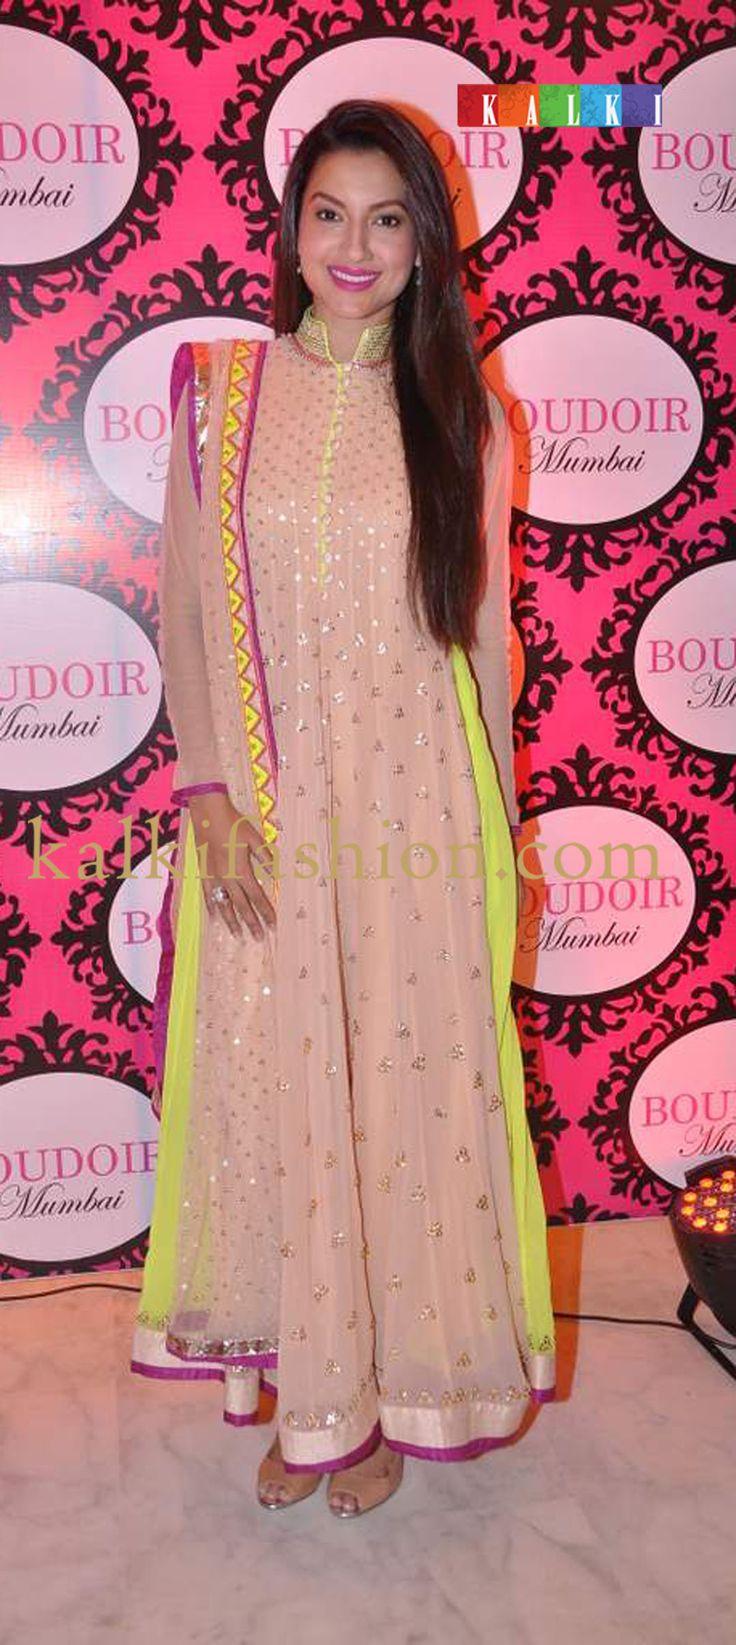 http://www.kalkifashion.com/  Gauhar Khan in anarkali outfit by Kanika Kedia at her store Boudoir Mumbai